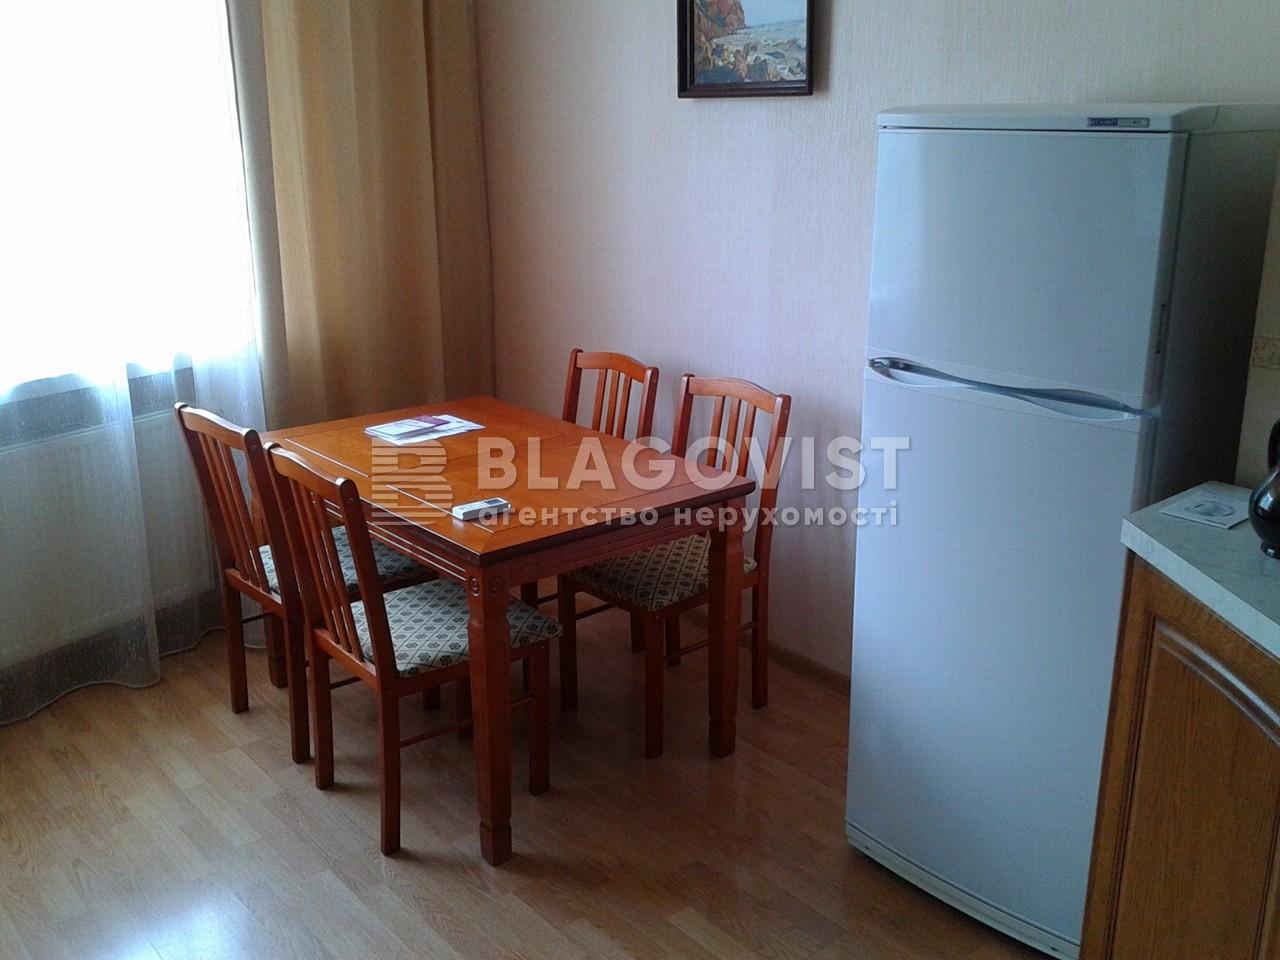 Квартира I-13515, Леси Украинки бульв., 7б, Киев - Фото 8